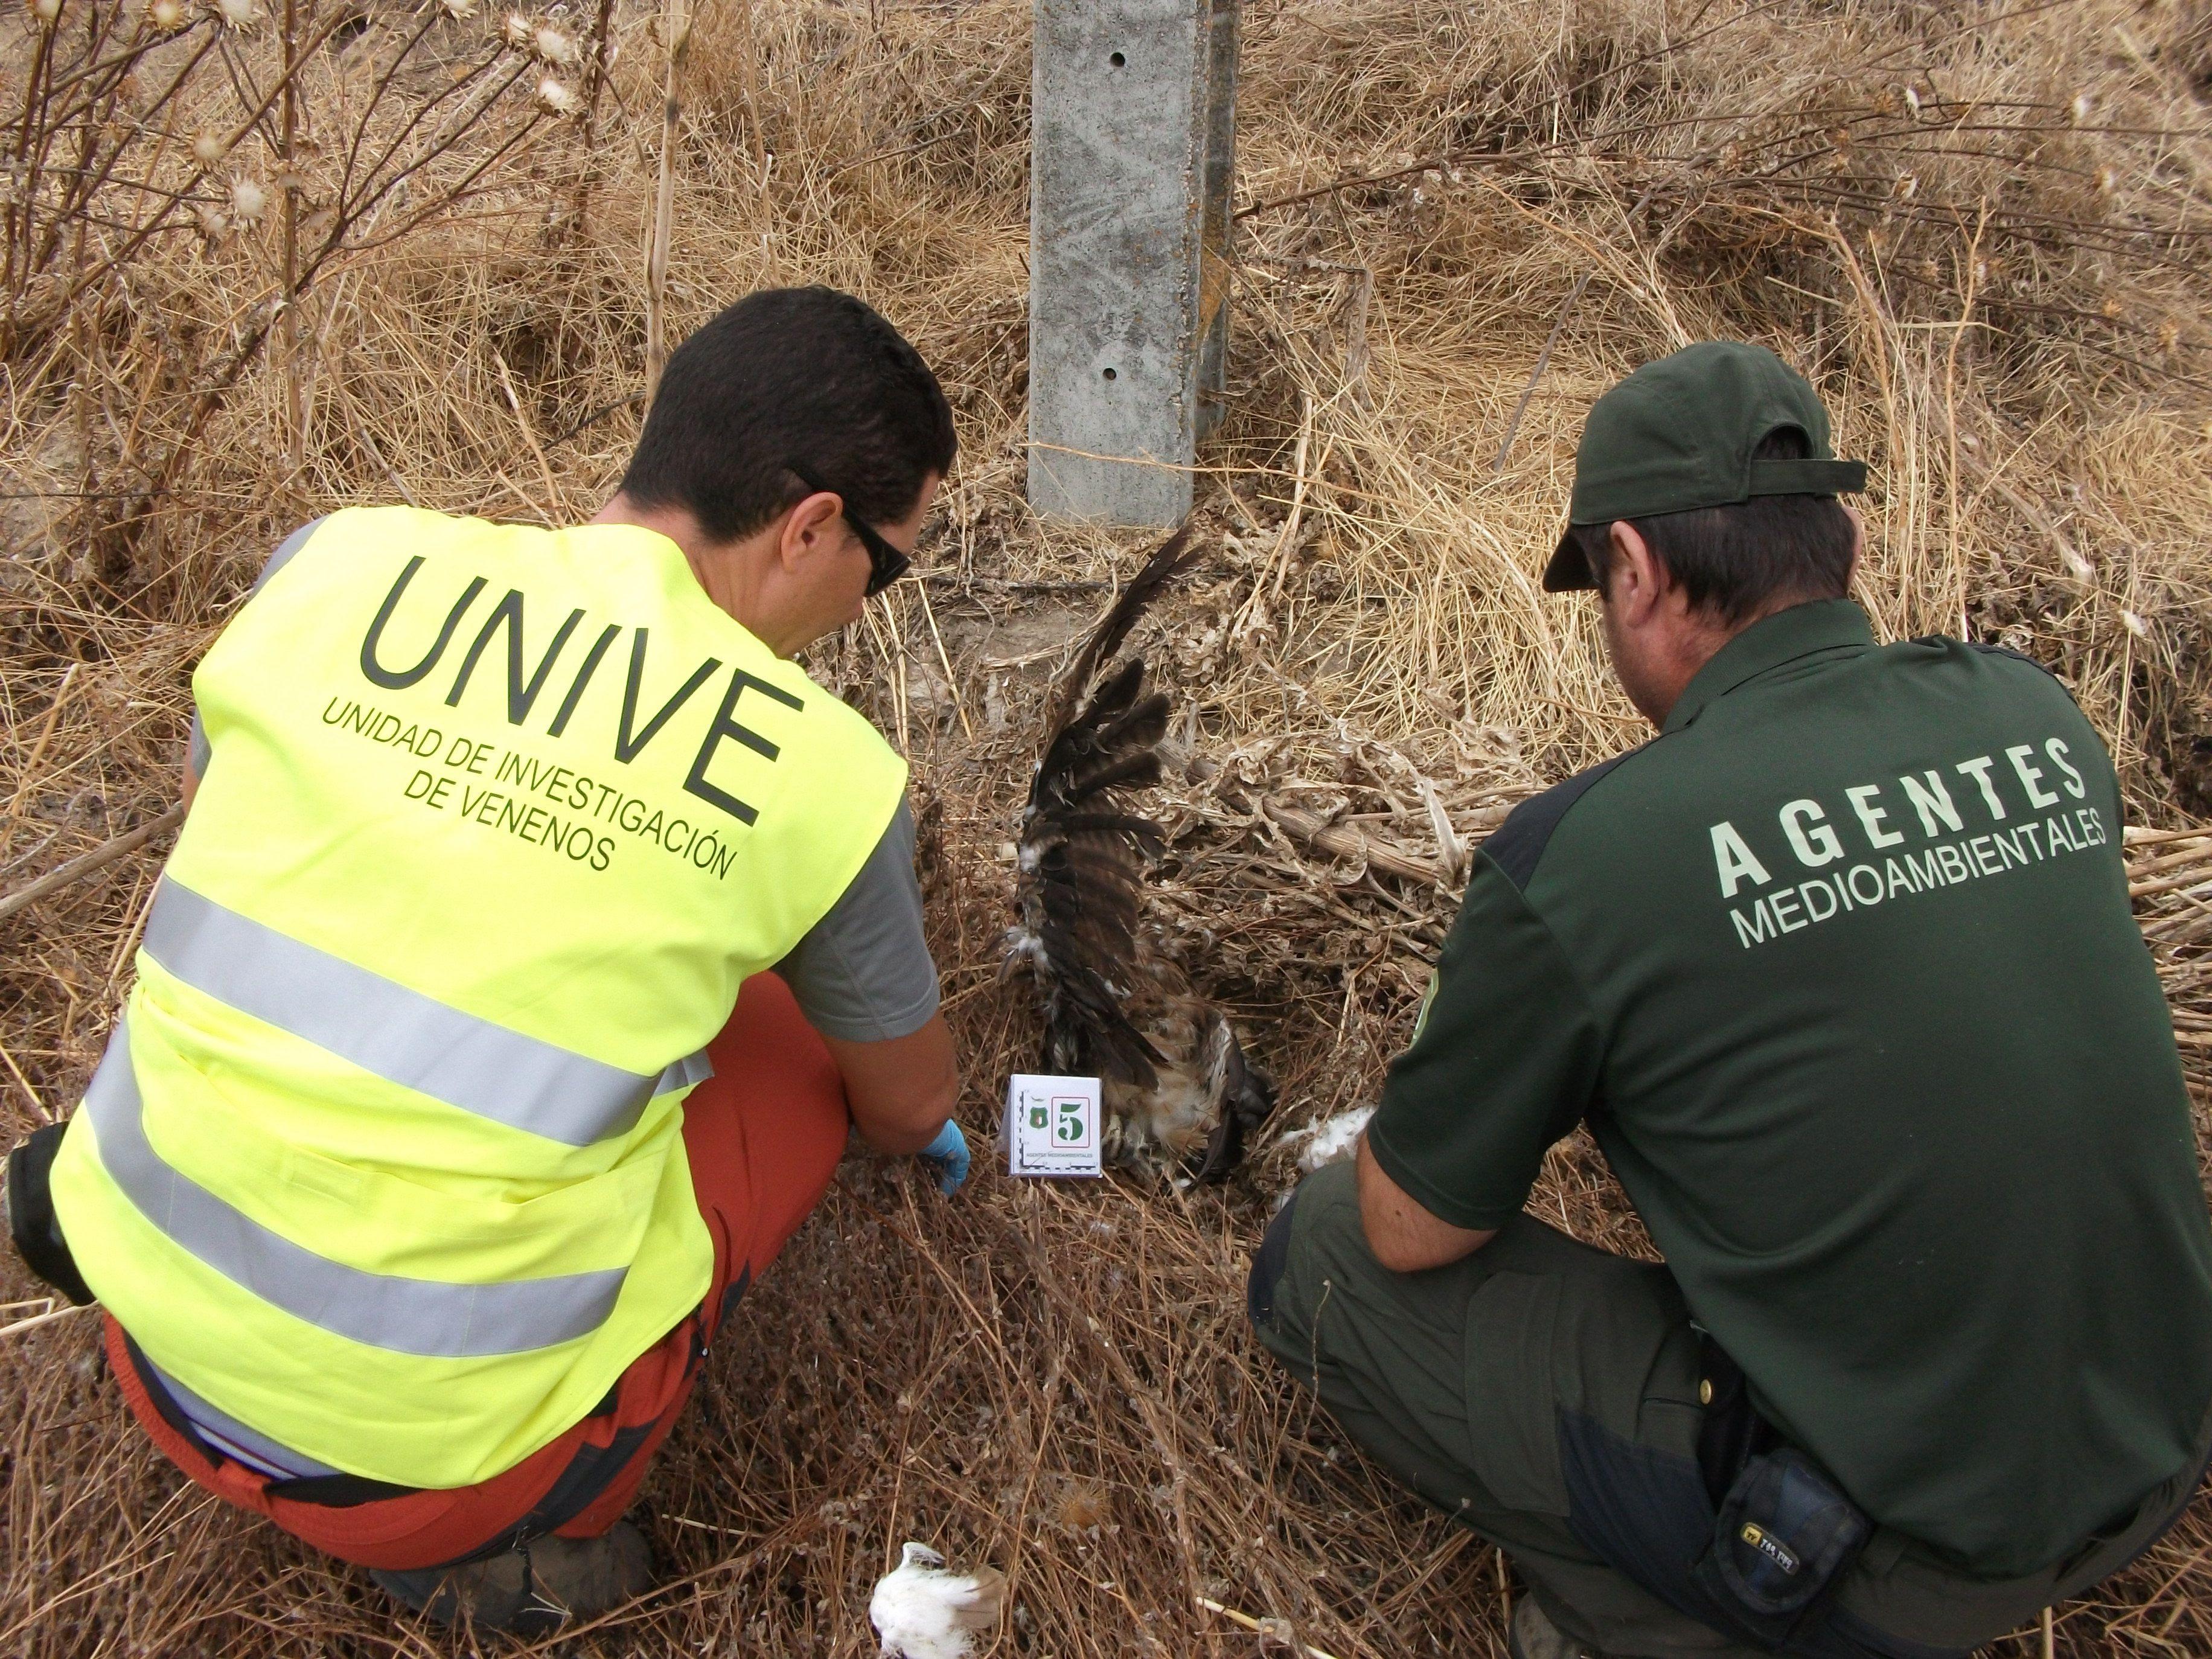 Patrulla especializada en detección de venenos. Imagen: @UNIVE Toledo / WWF